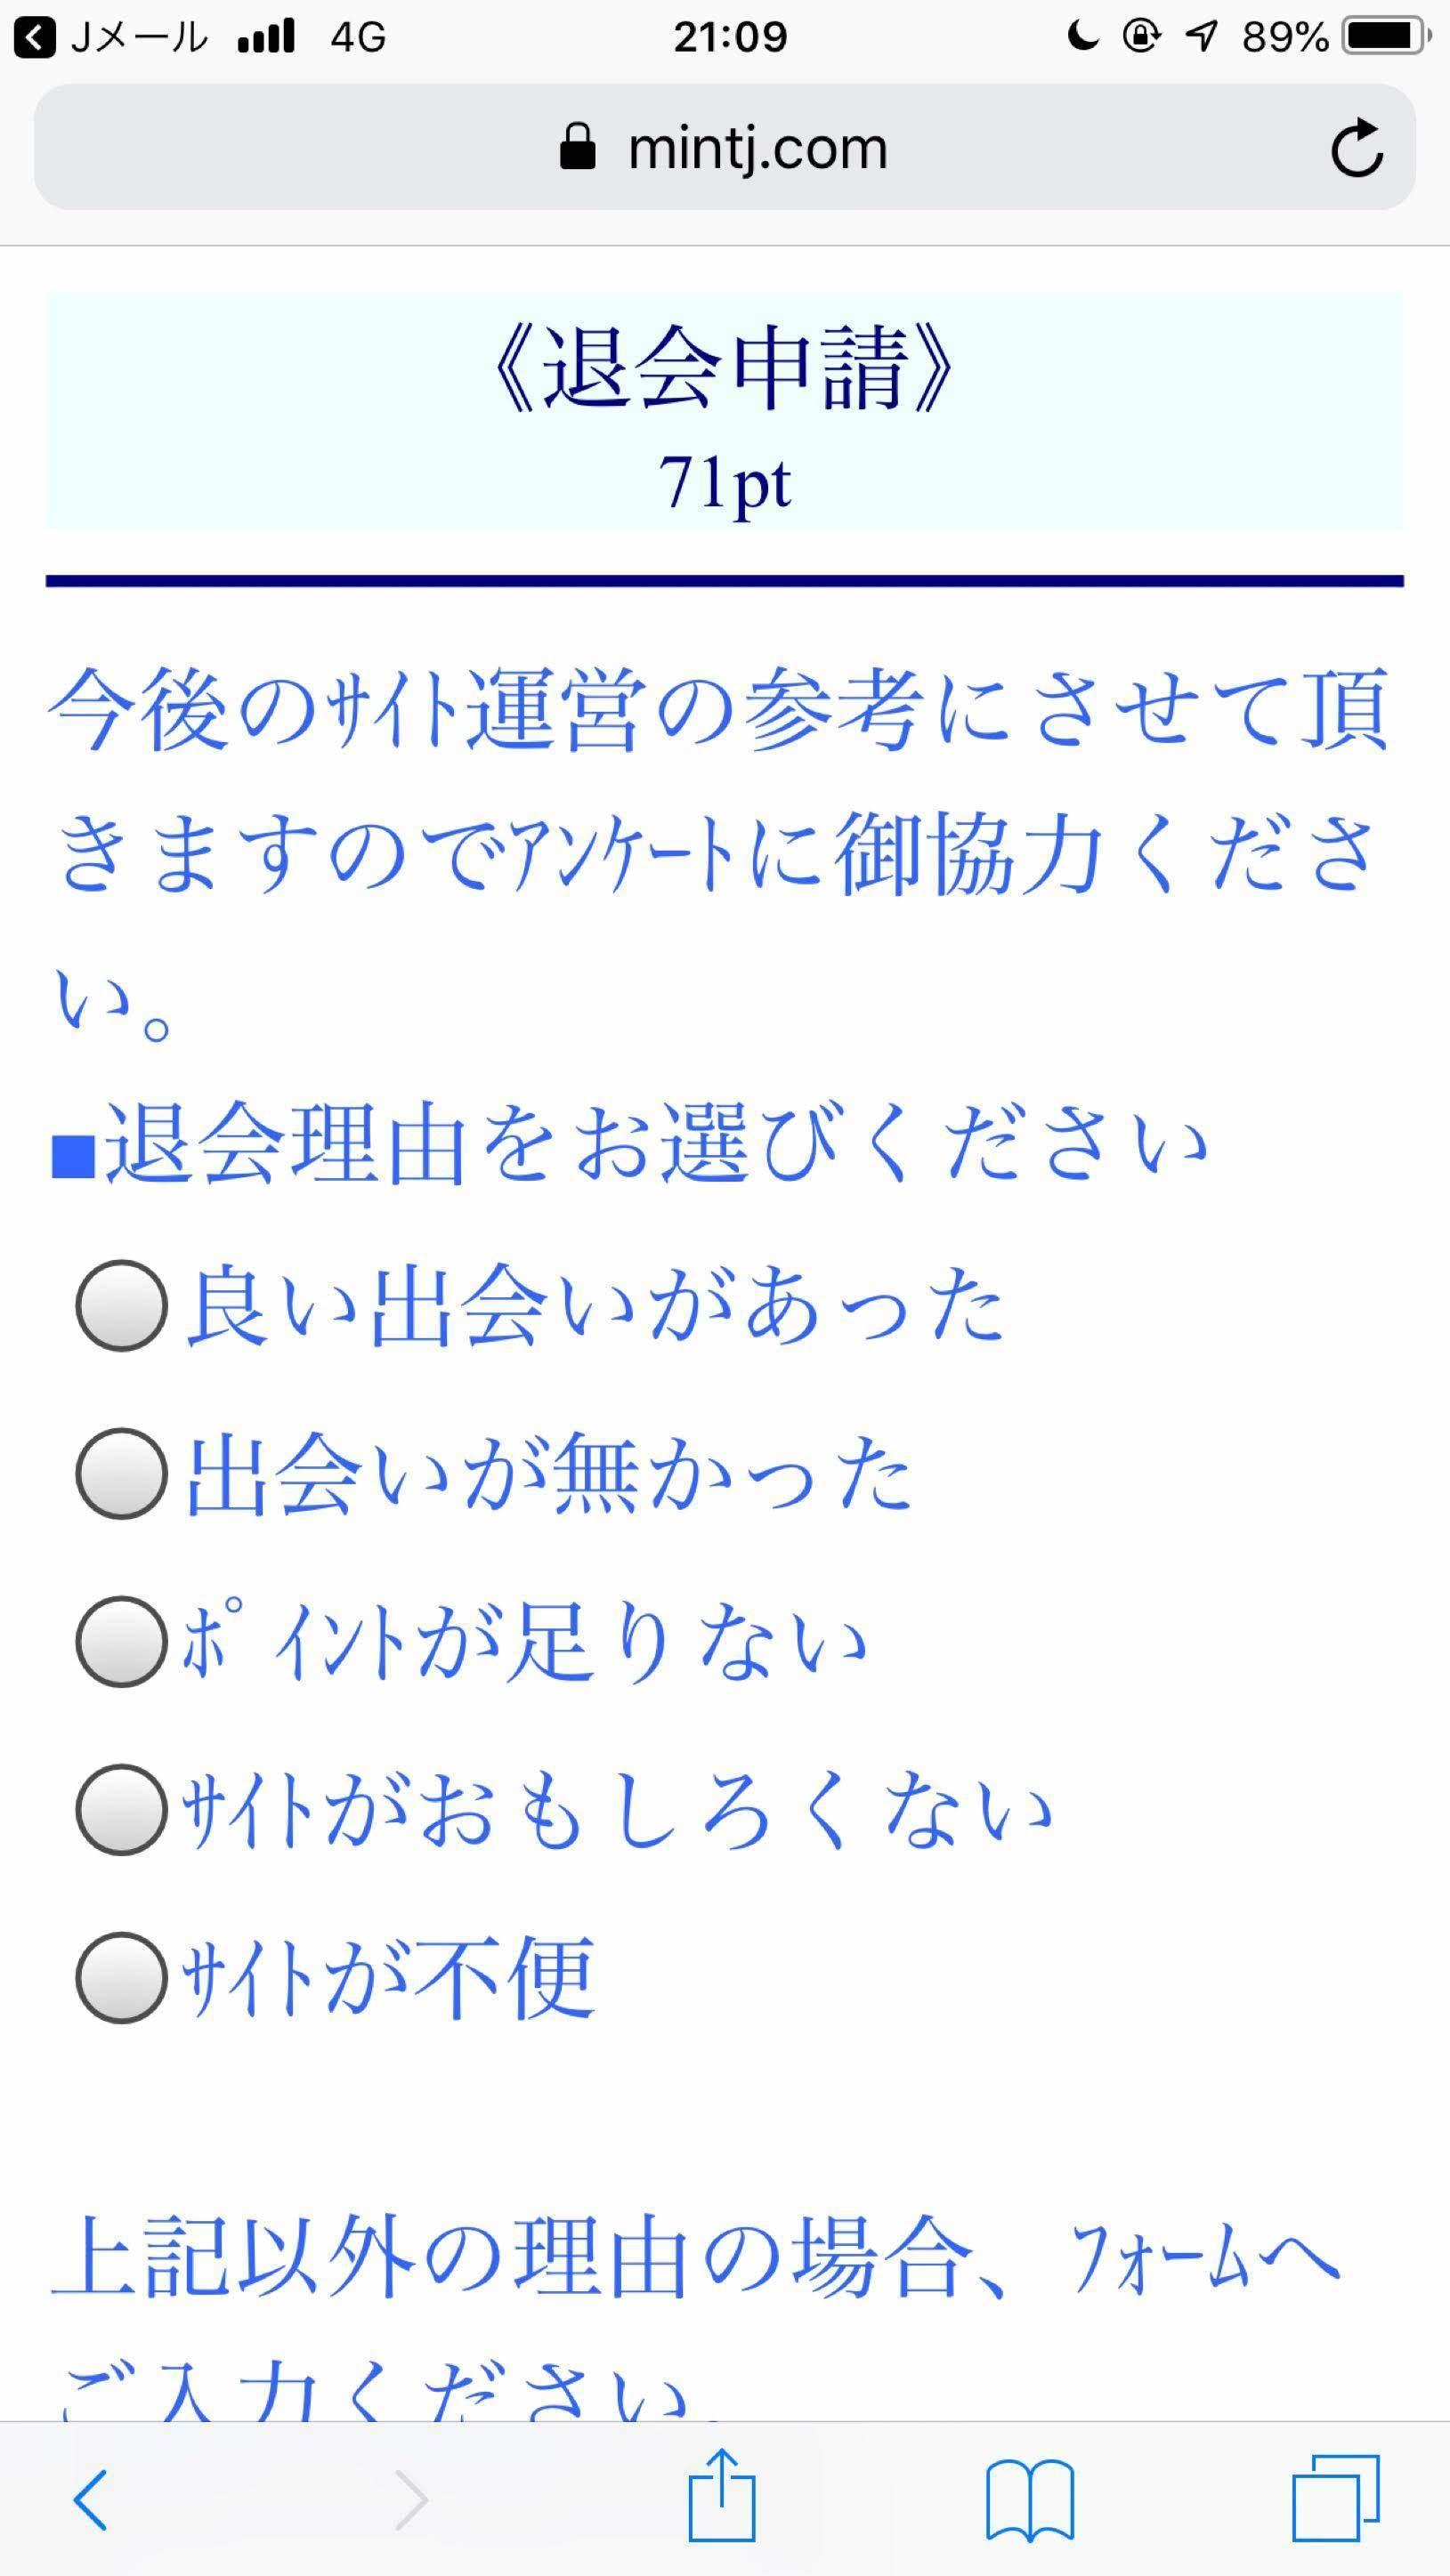 Jメール 退会申請画面で理由を選び、退会するボタンを押す